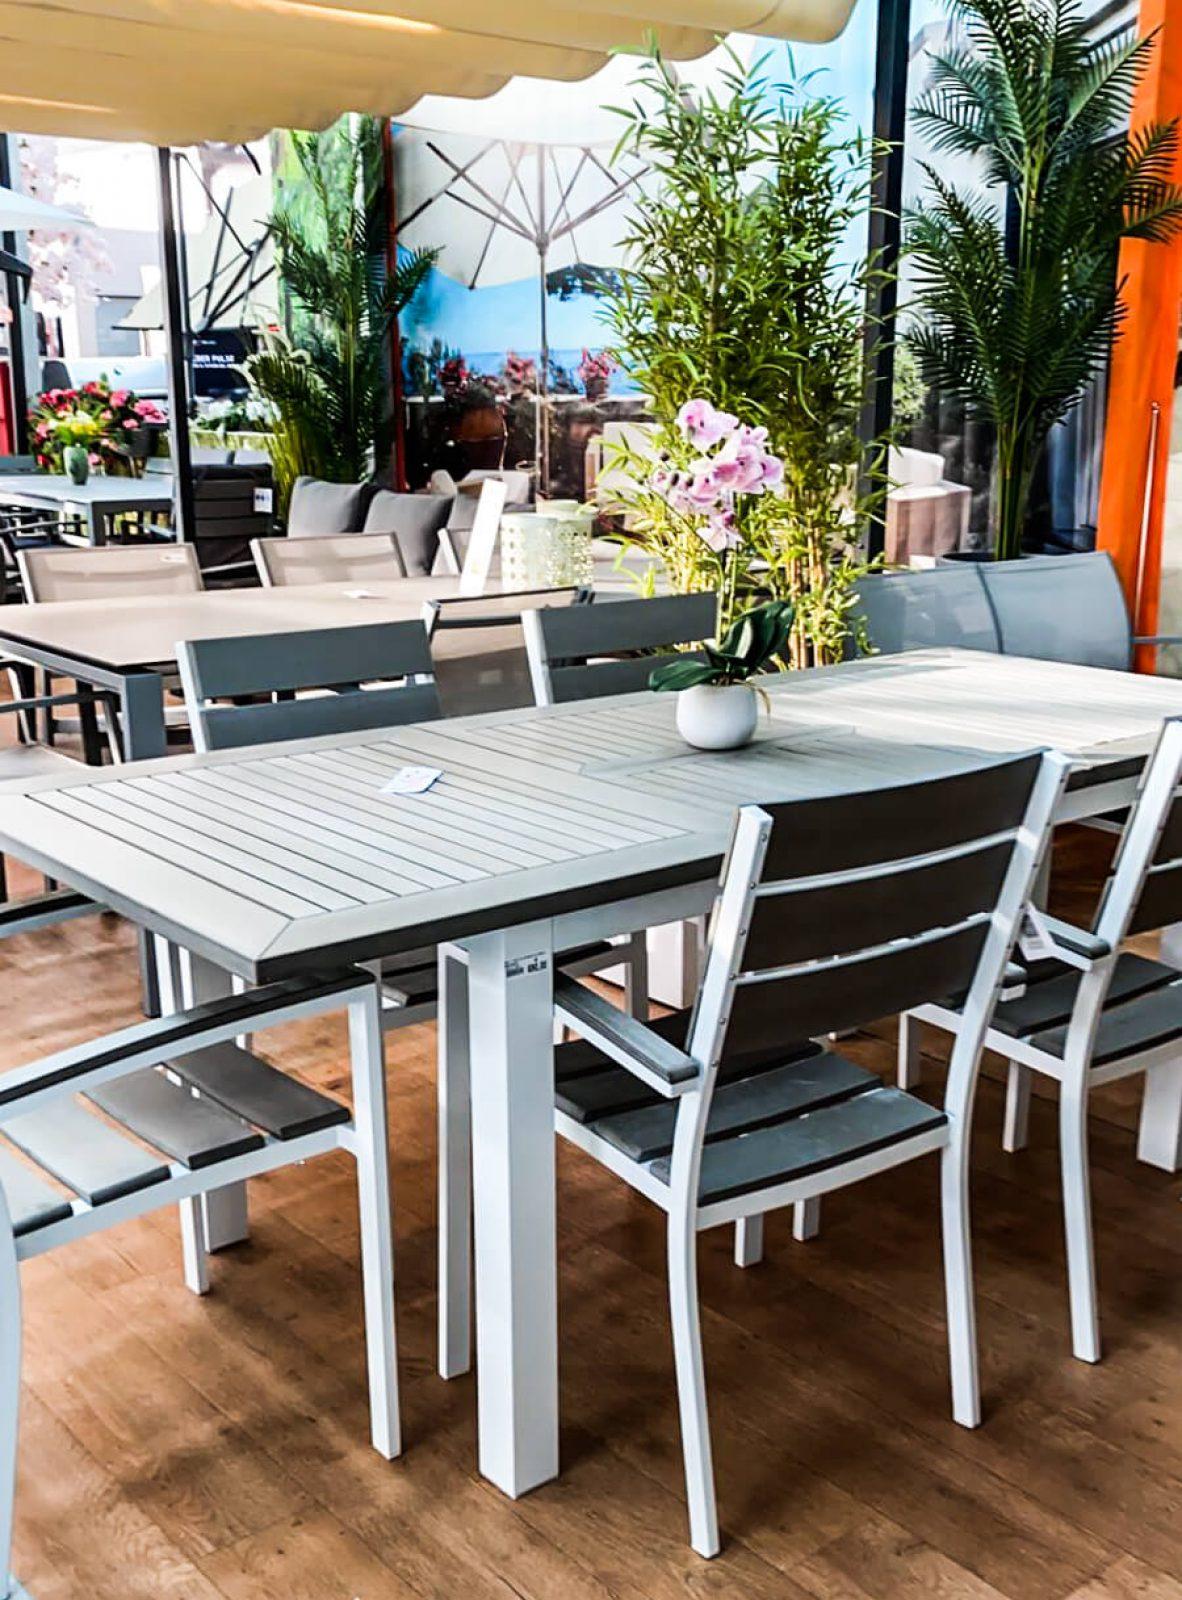 promo-mobili-giardino-centro-giardinaggio-pellegrini3.22.26 PM (2)